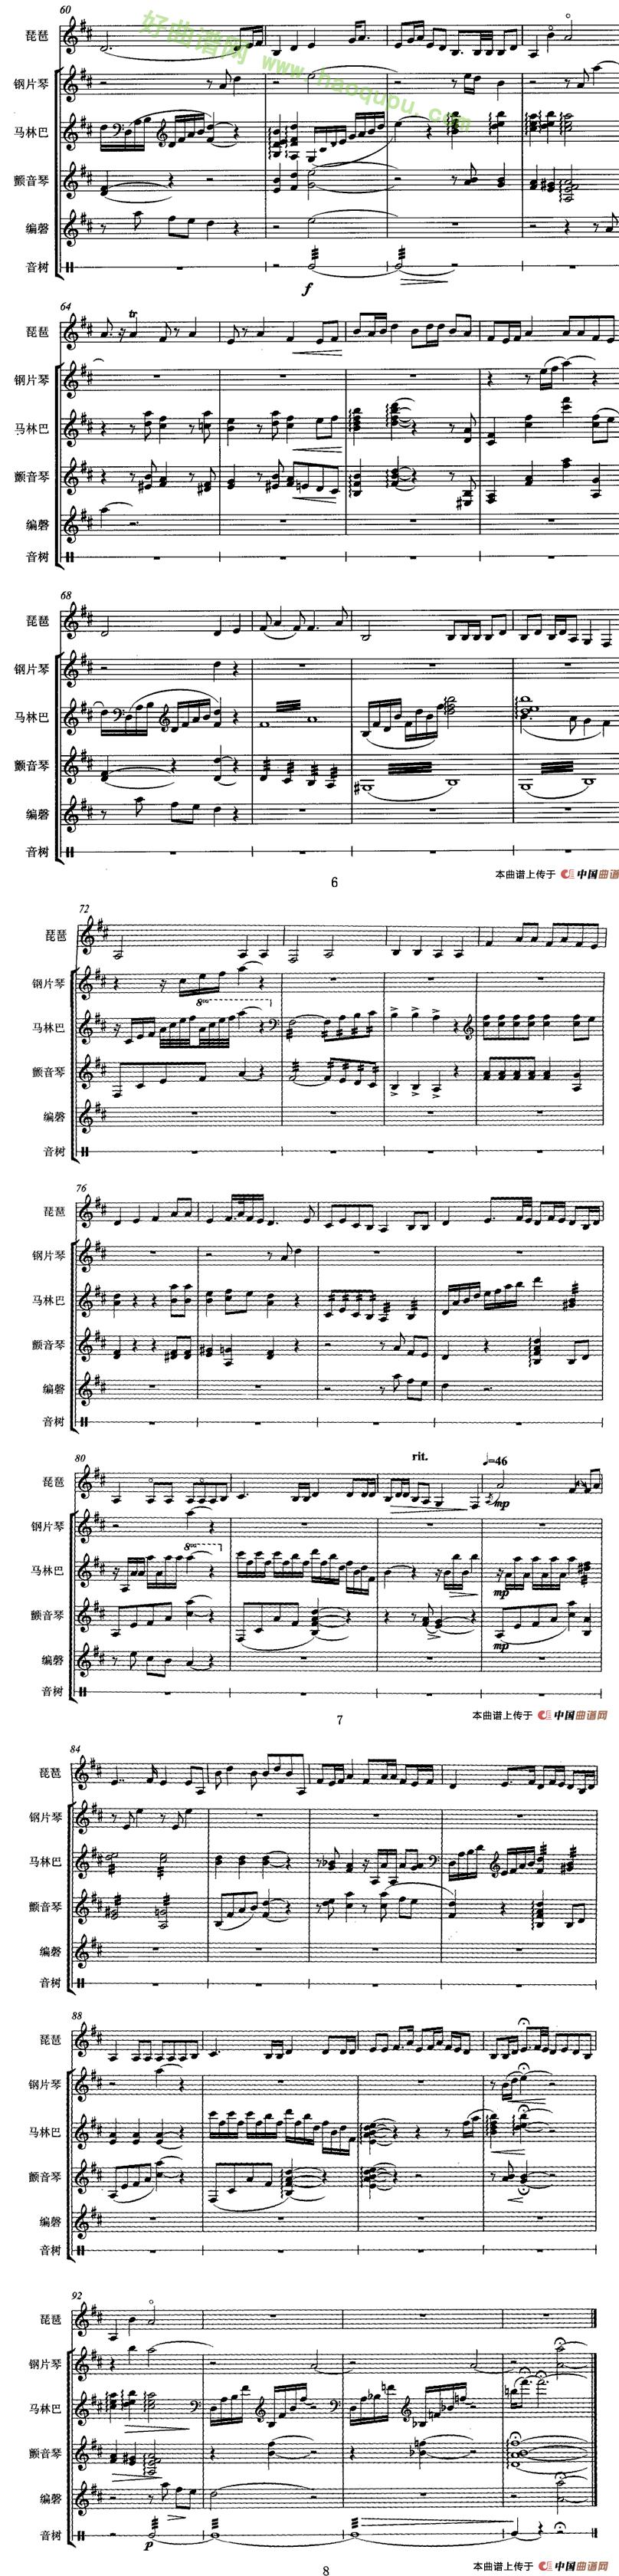 《飞花点翠》(琵琶 打击乐)琵琶曲谱